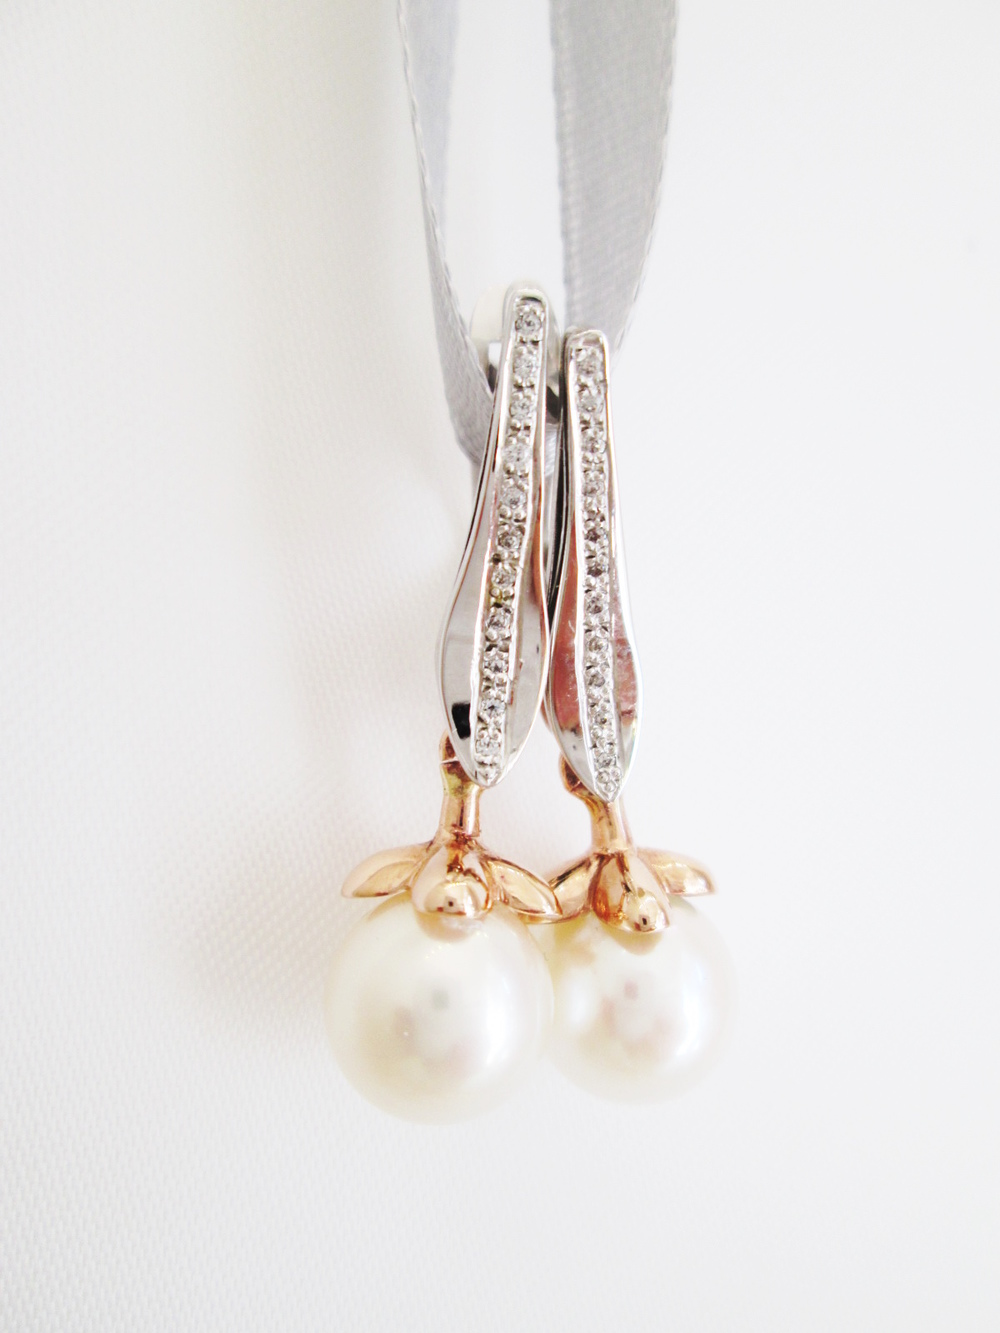 Náušnice,bílé a růžové zlato 585'/1000, zirkony a přírodní perly o průměru 10 mm, délka náušnic 3,5 cm.  Cena: 14000.-Kč.